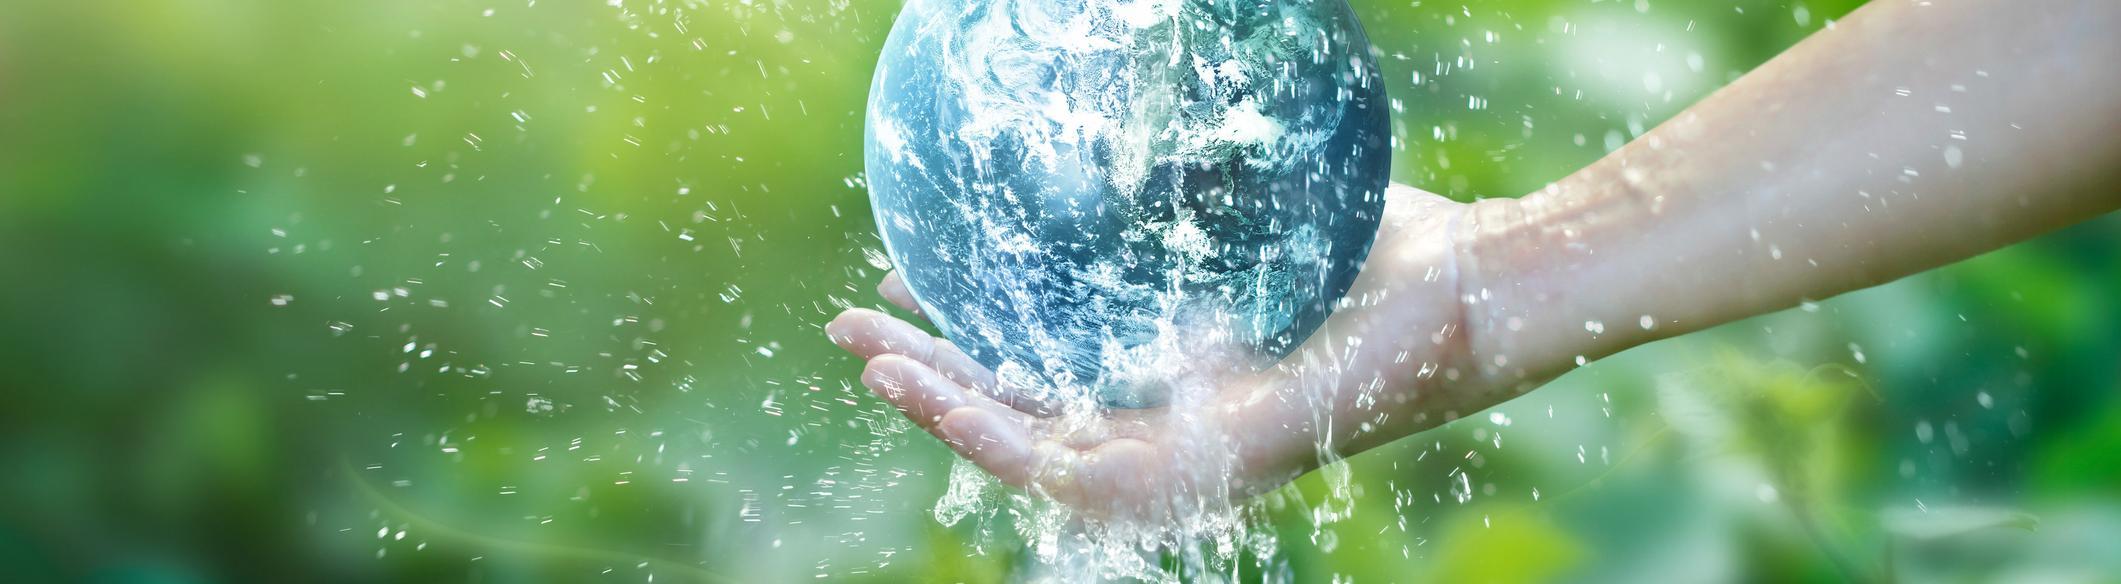 Oszczędzanie wody - co ty możesz zrobić?